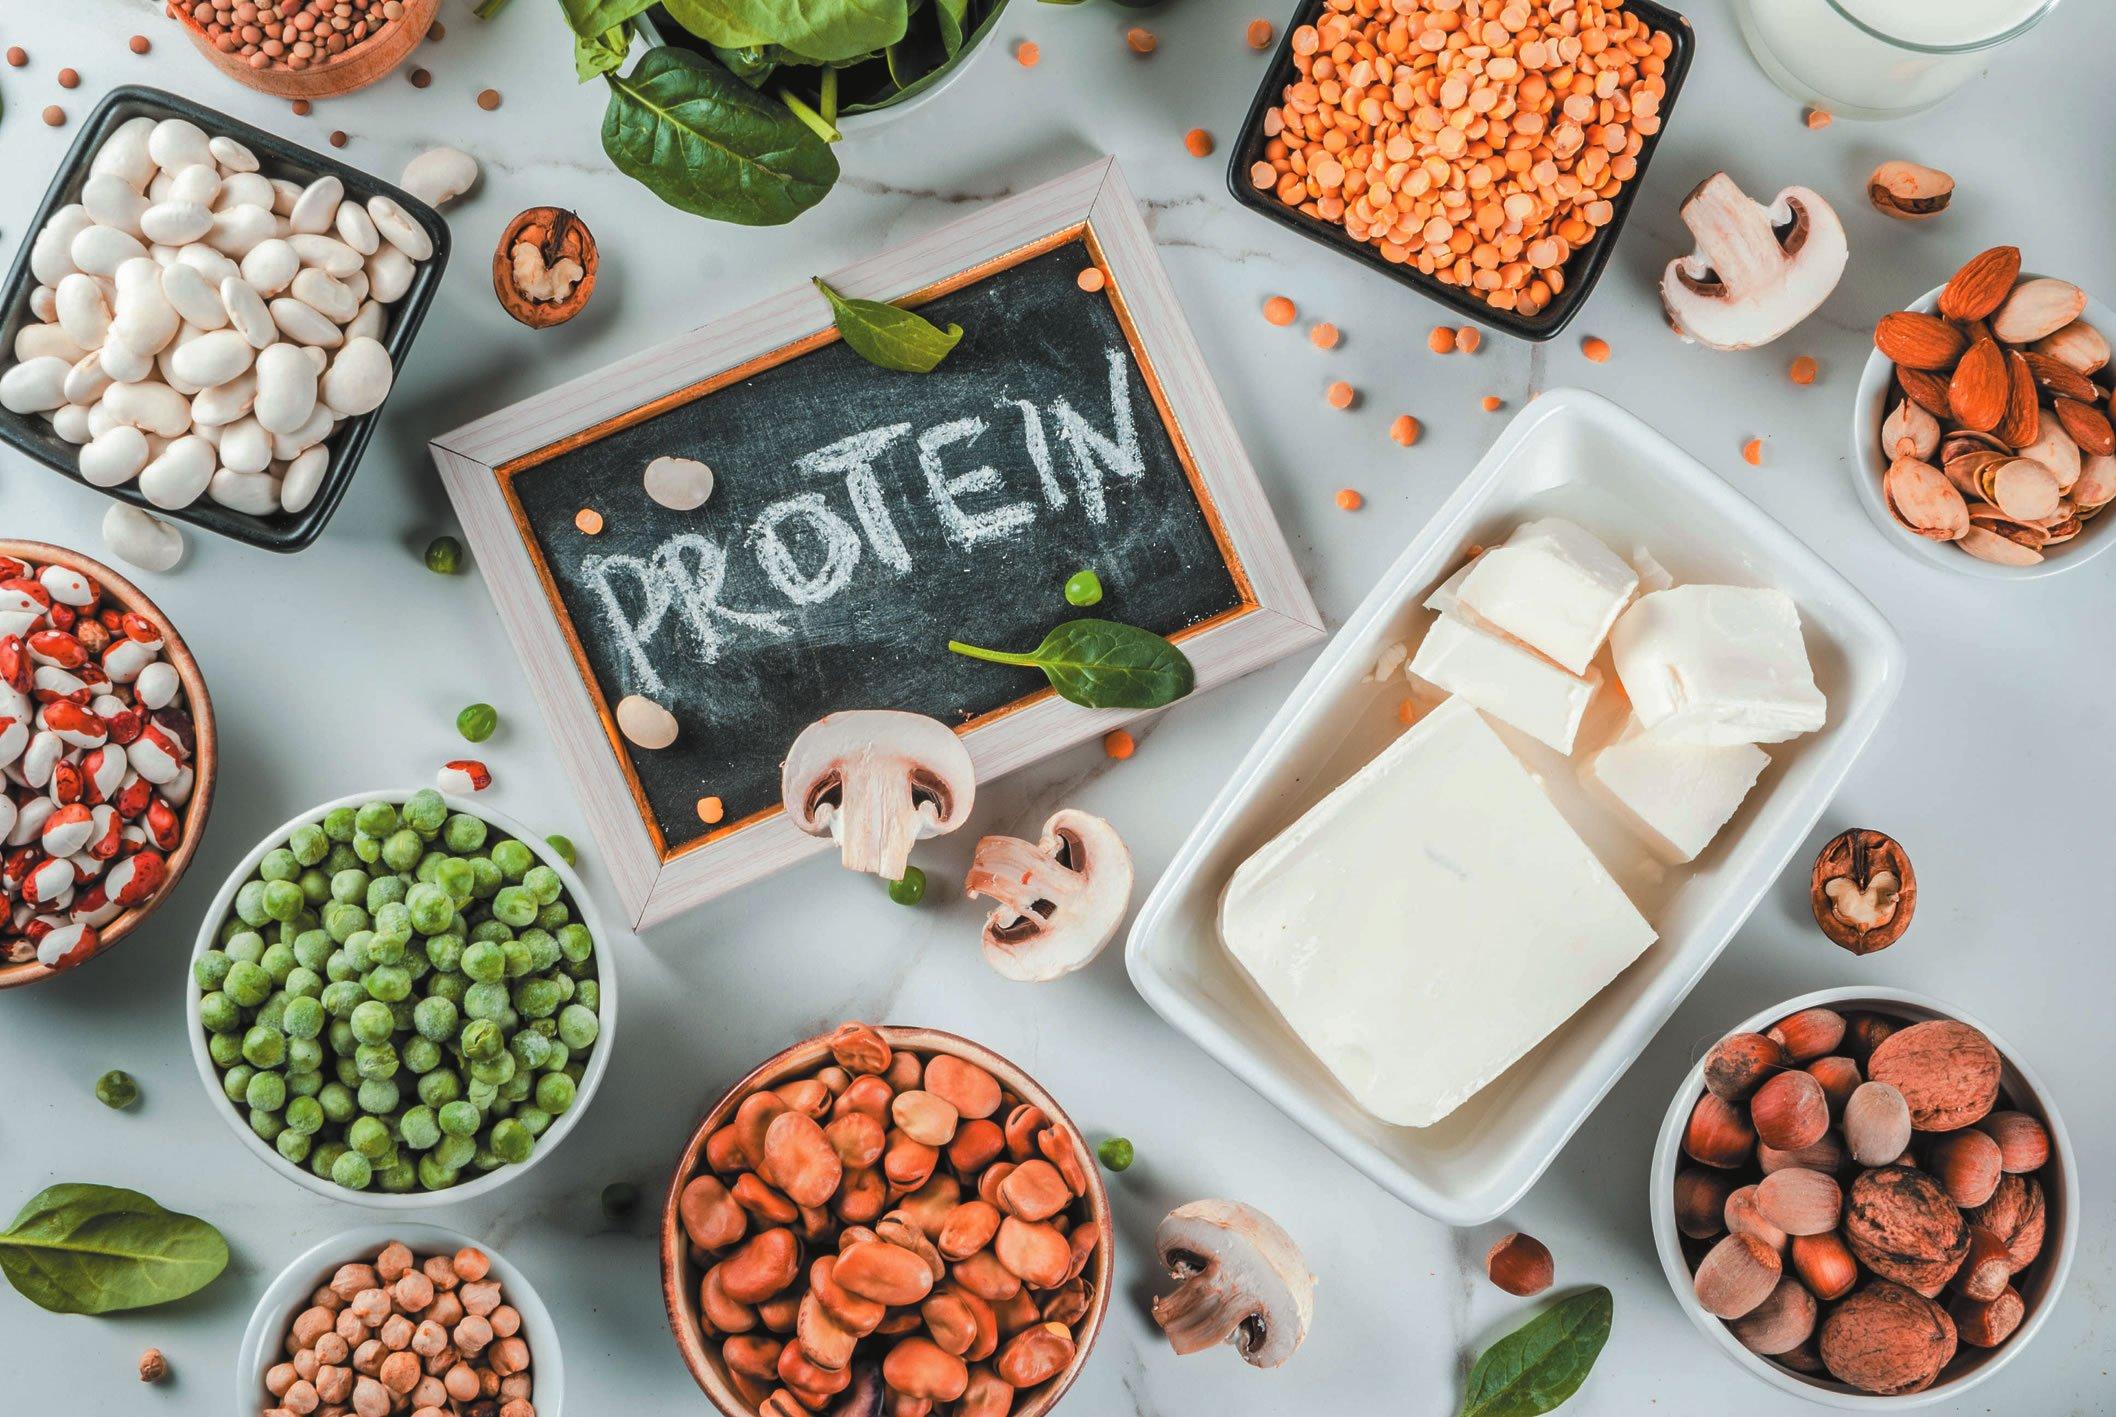 هر کیلوگرم وزن بدن چه مقدار پروتئین نیاز دارد؟